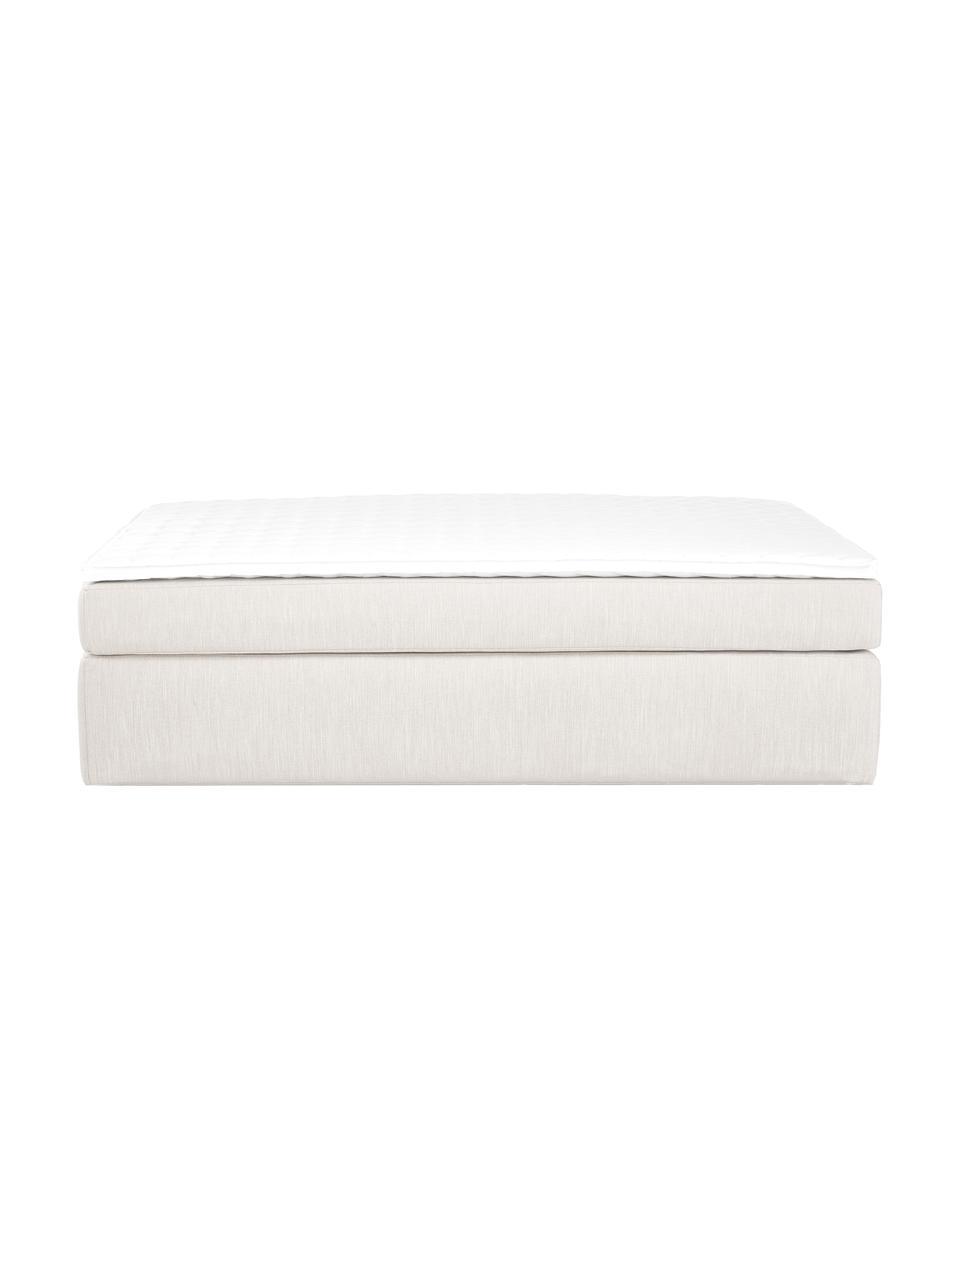 Letto boxspring in tessuto beige chiaro Aries, Materasso: nucleo a 5 zone di molle , Piedini: plastica, Tessuto beige chiaro, 200 x 200 cm